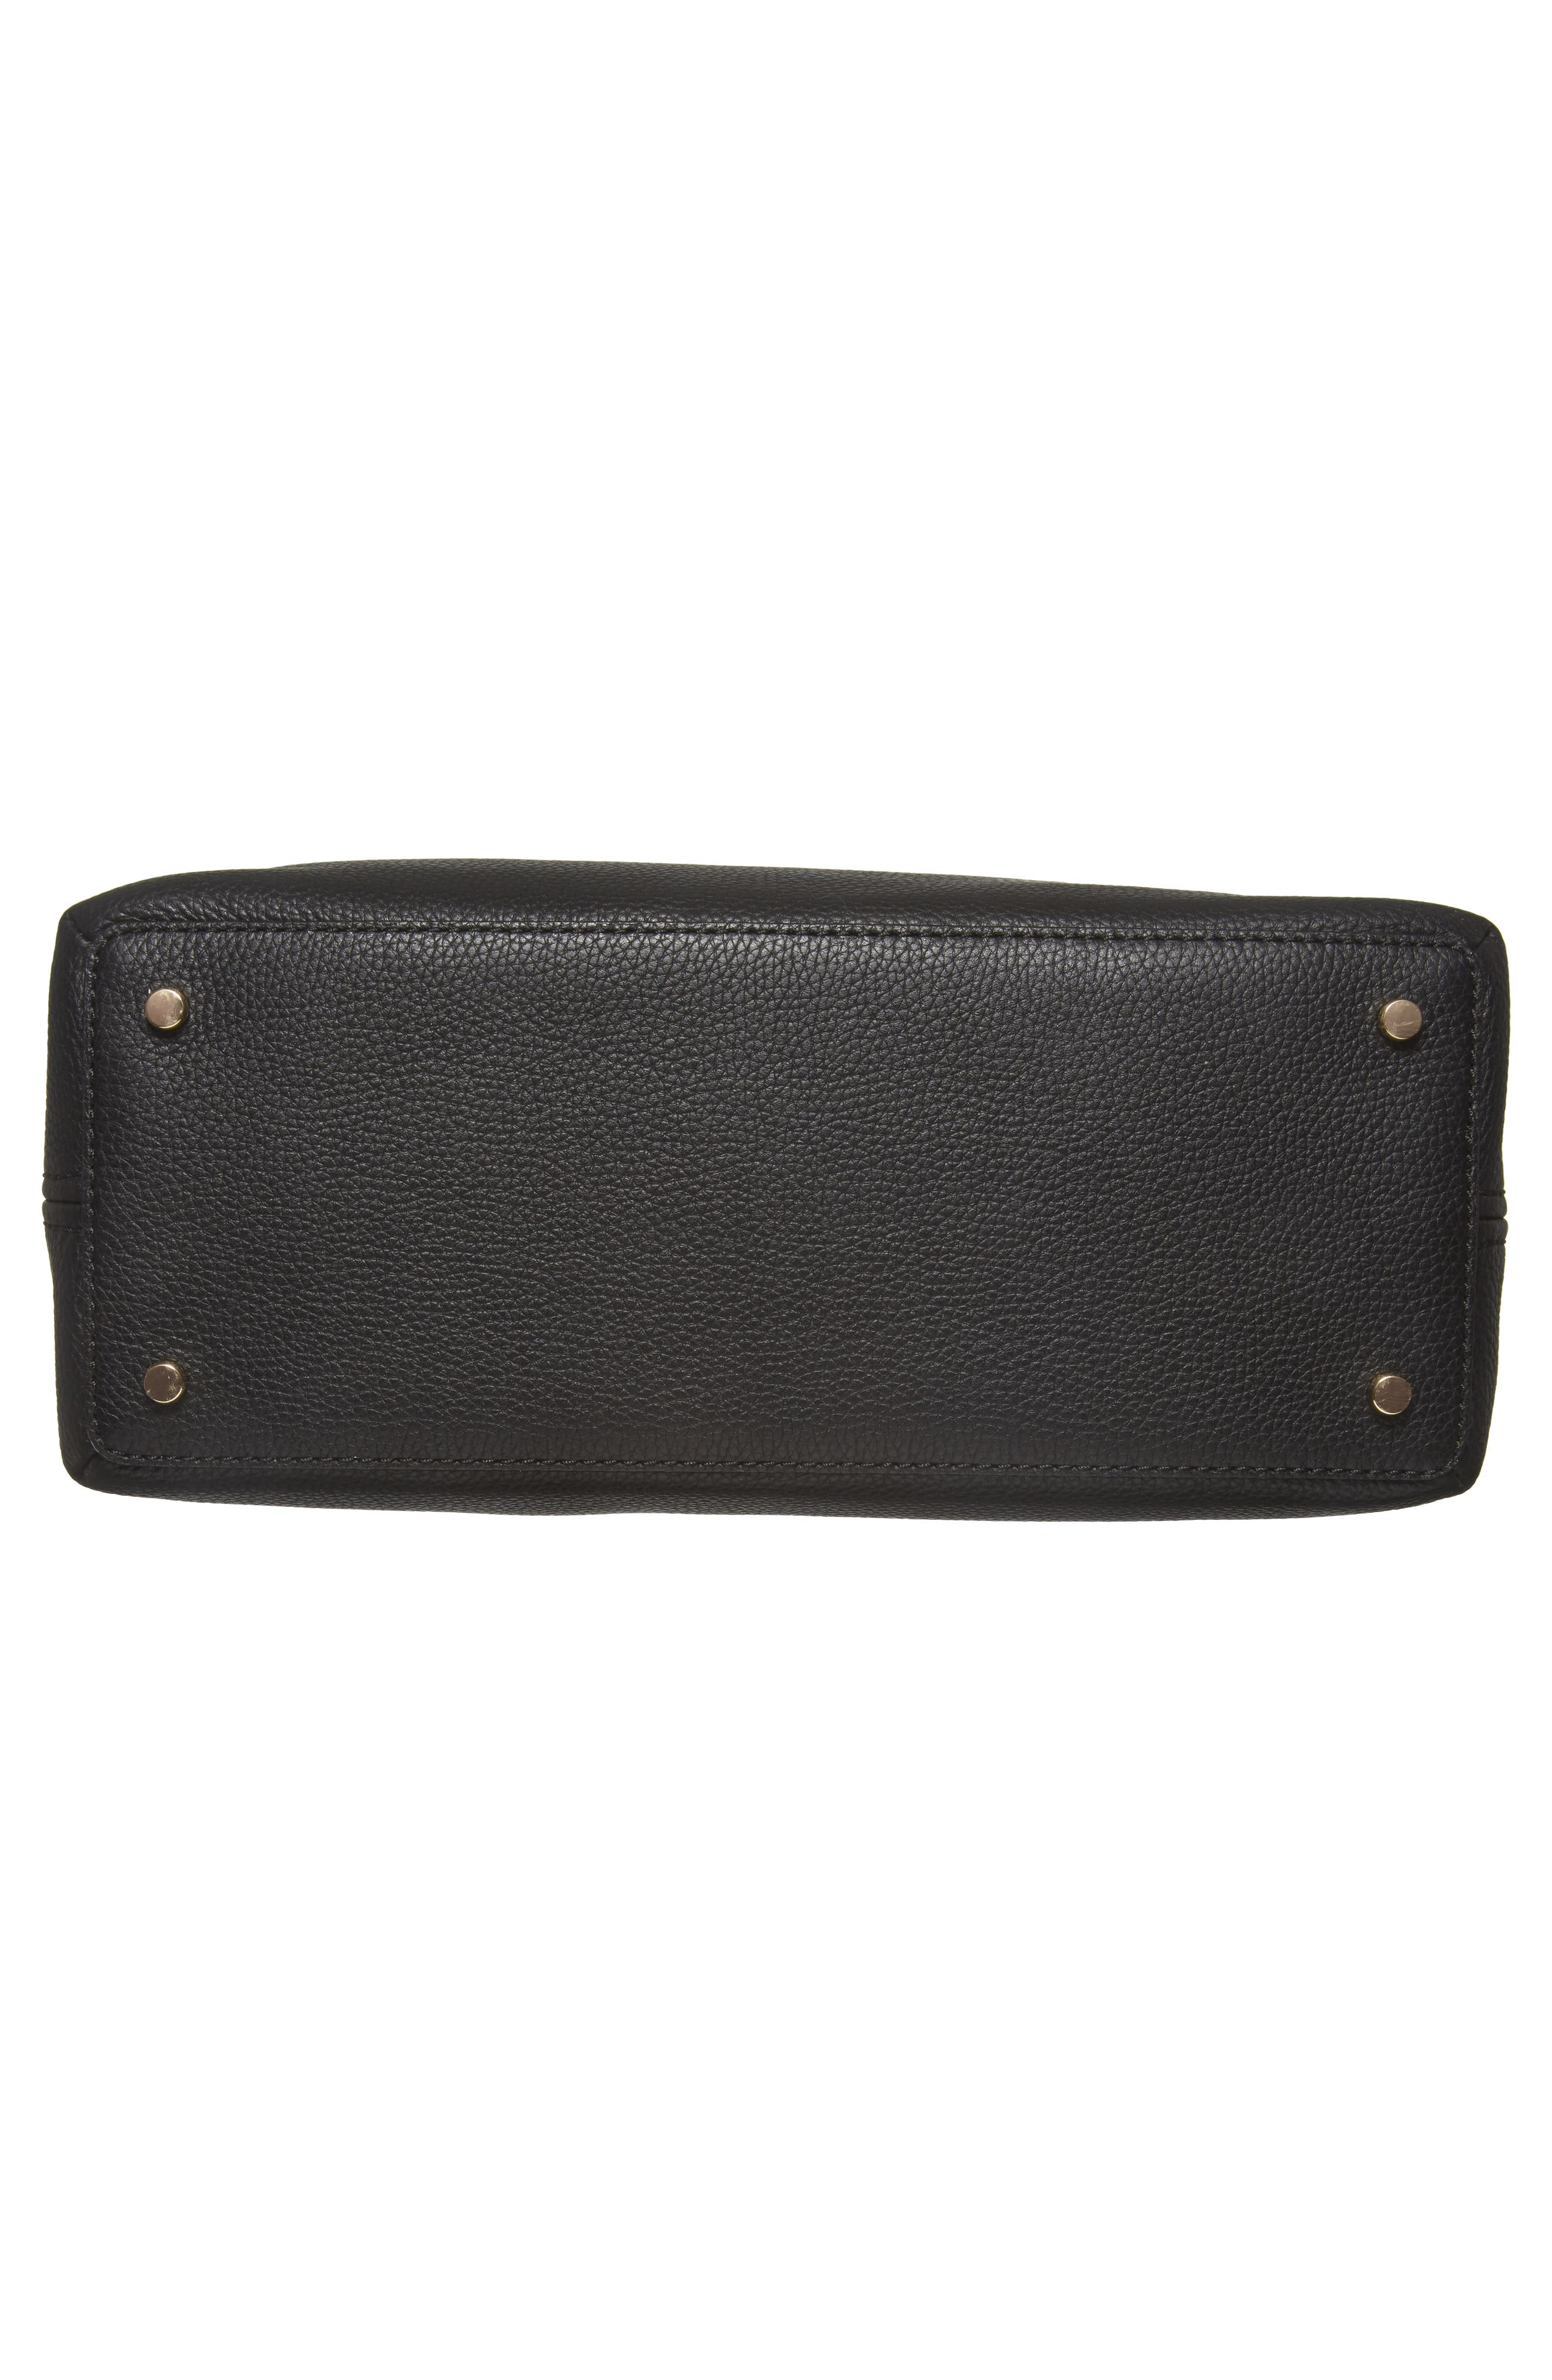 jackson street arietta pebbled leather tote,                             Alternate thumbnail 6, color,                             Black